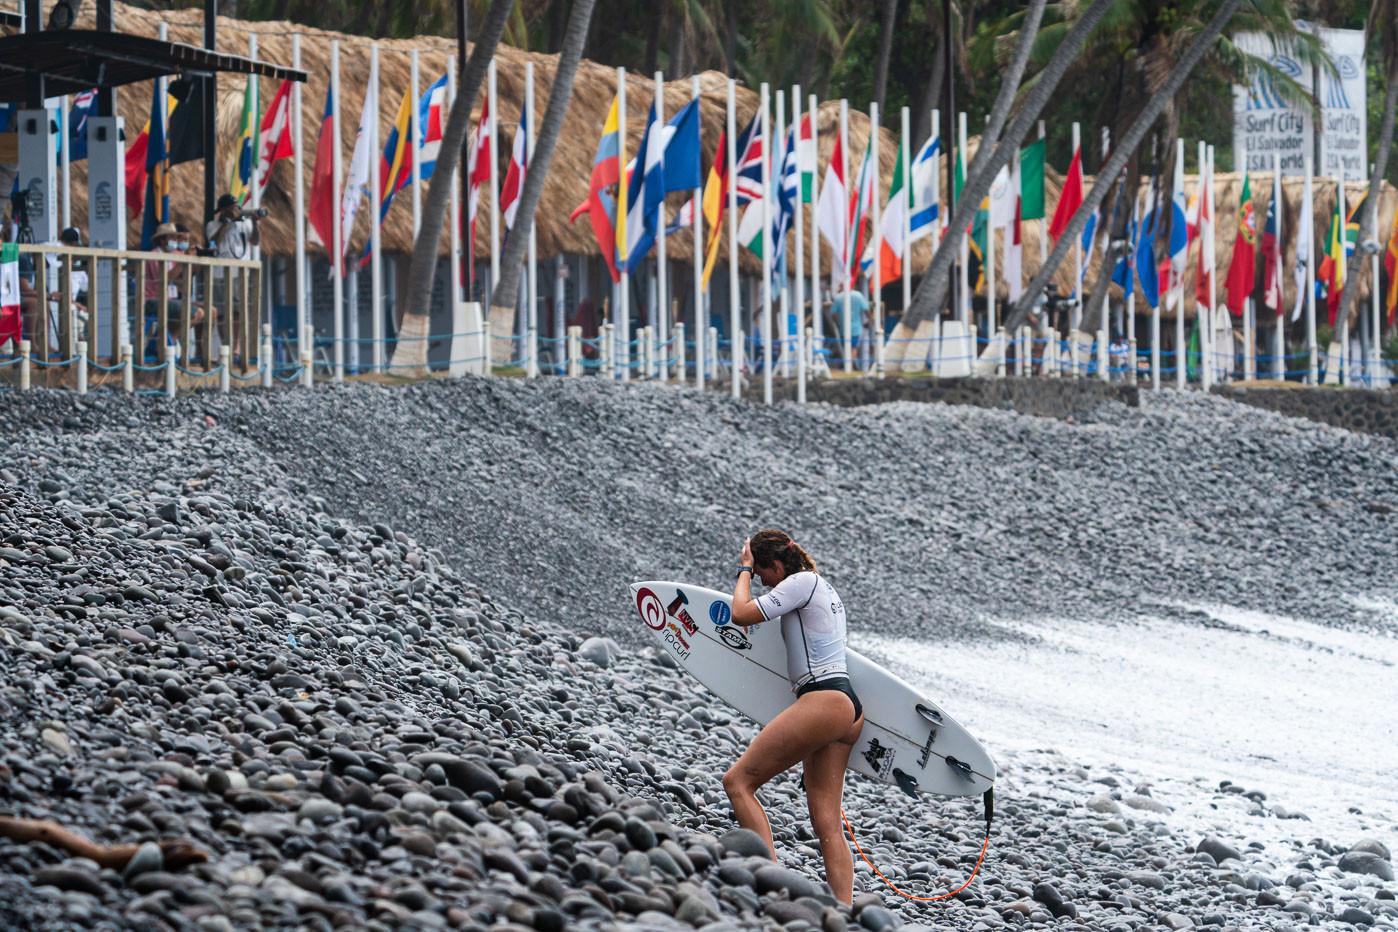 El evento principal y el ensayo se llevaron a cabo durante el quinto día de competencia en Surf City, El Salvador © ISA / Sean Evans